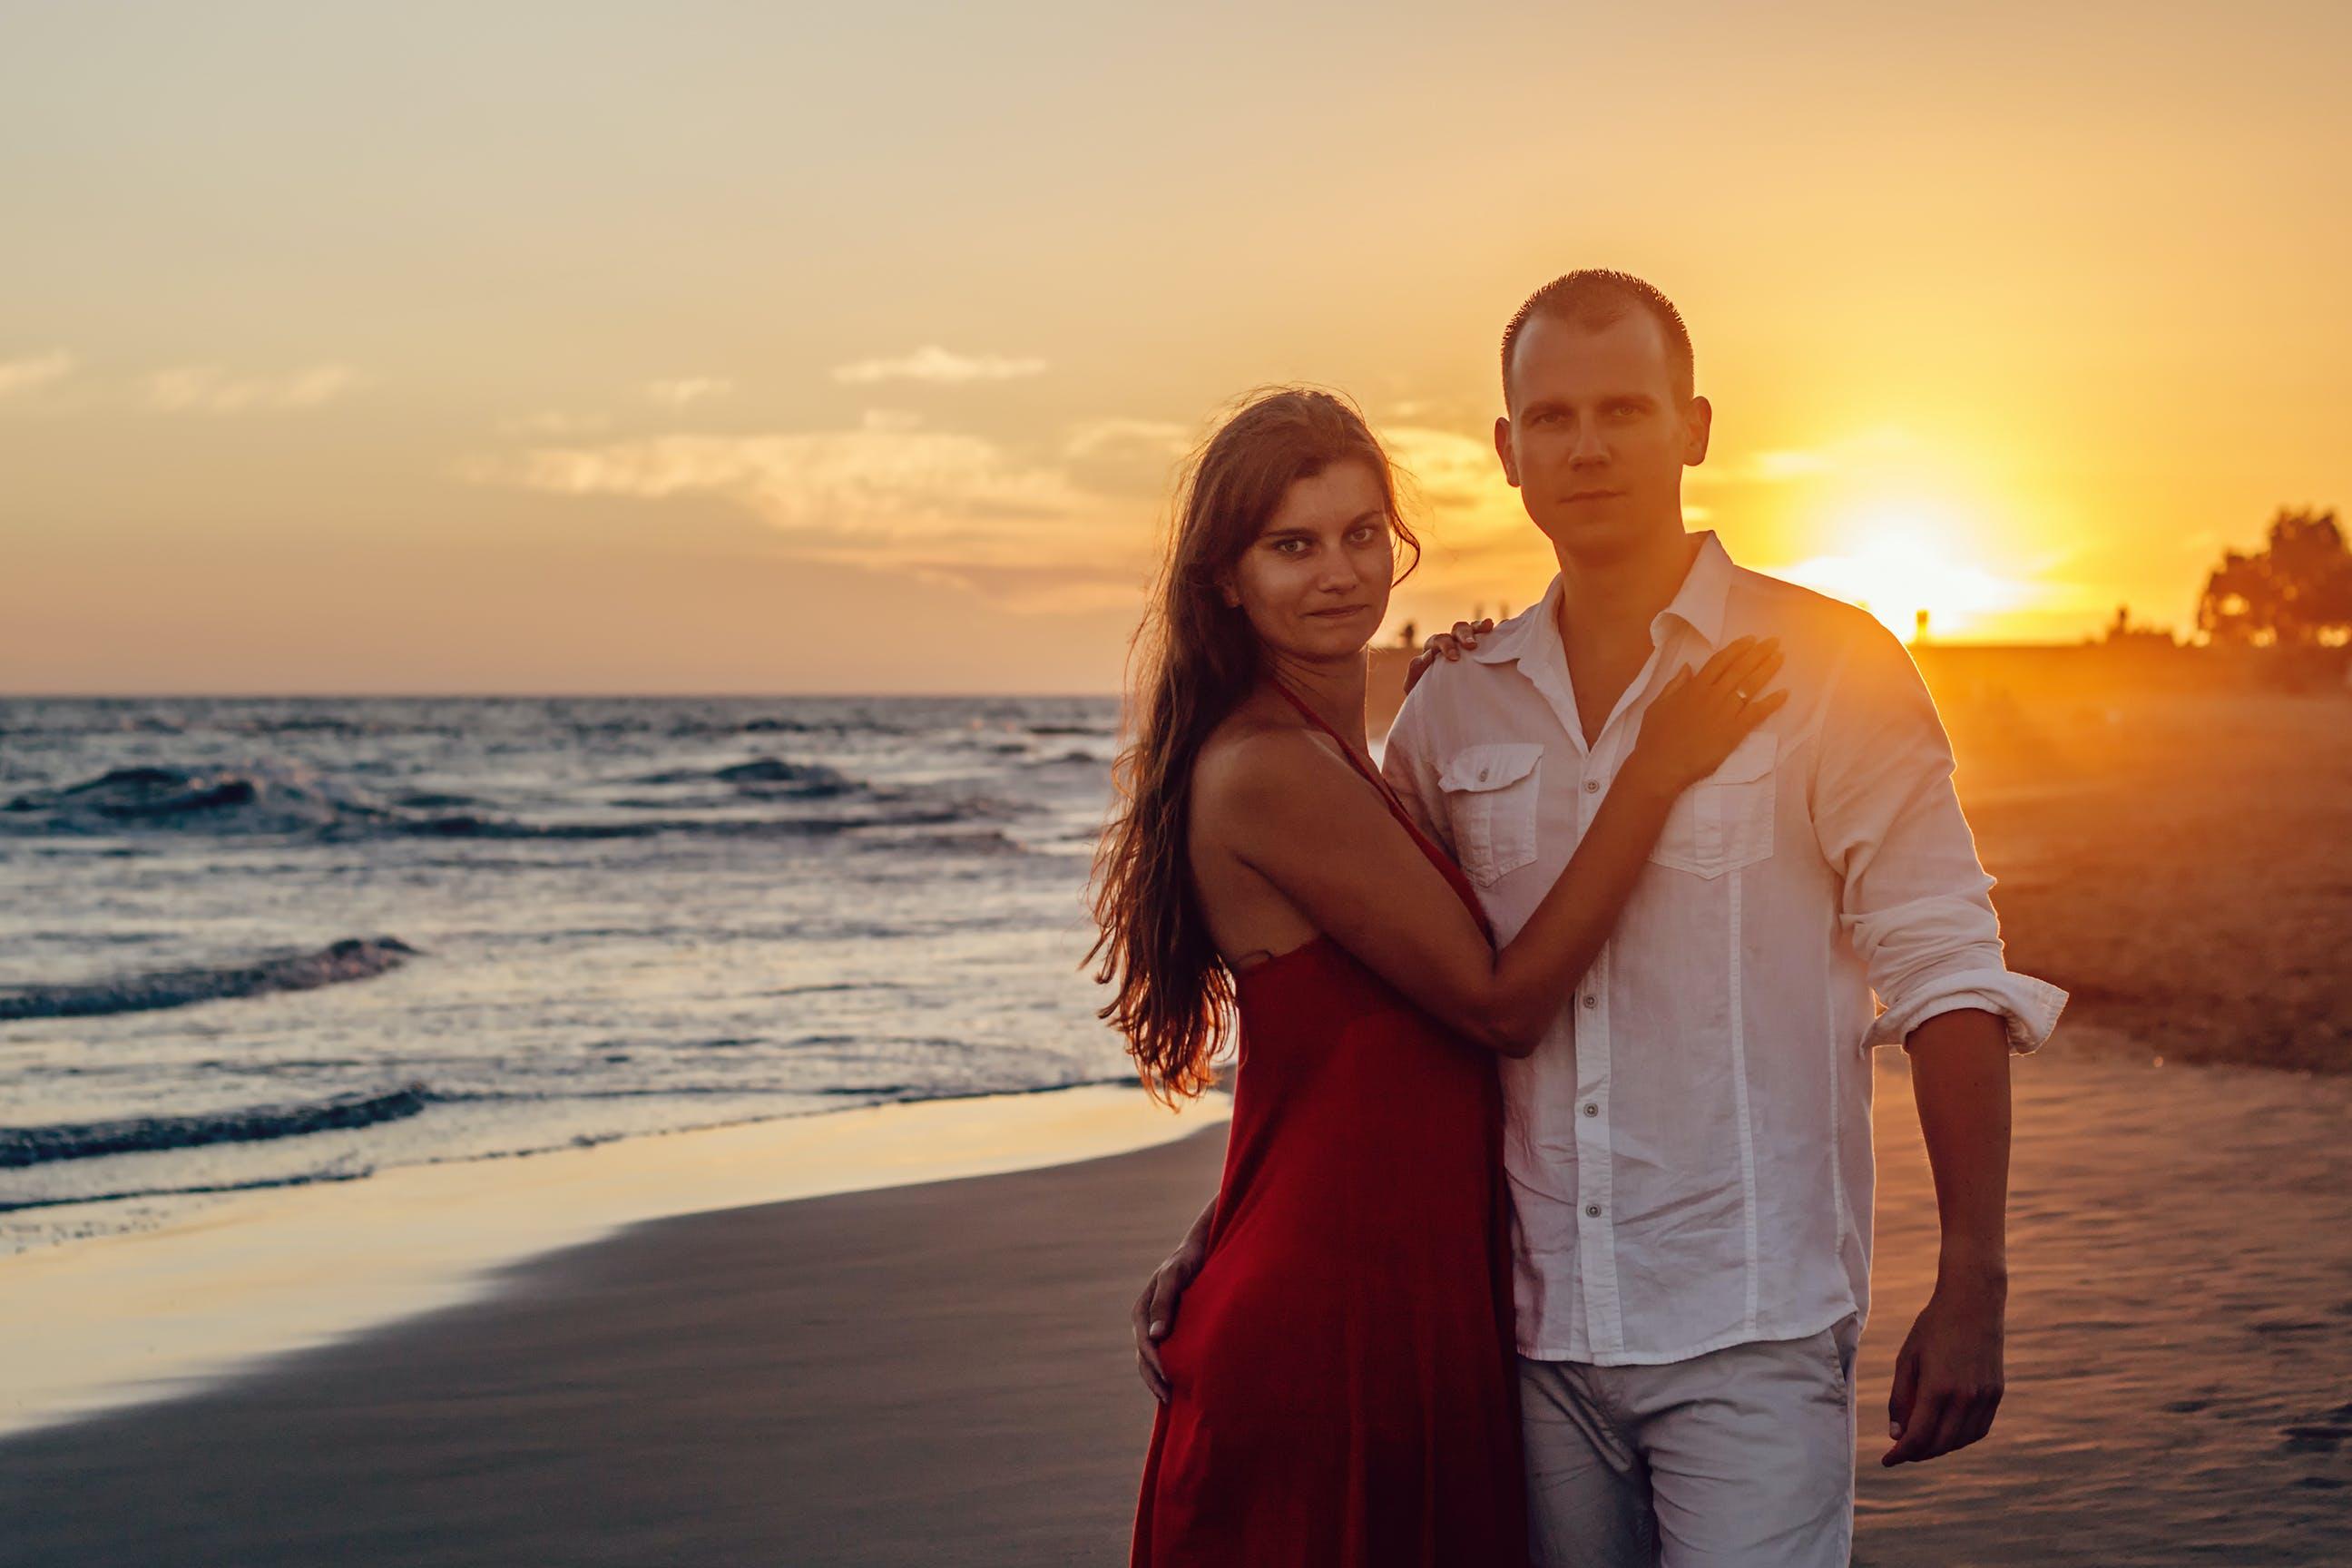 Woman Standing Beside Man Near Shoreline